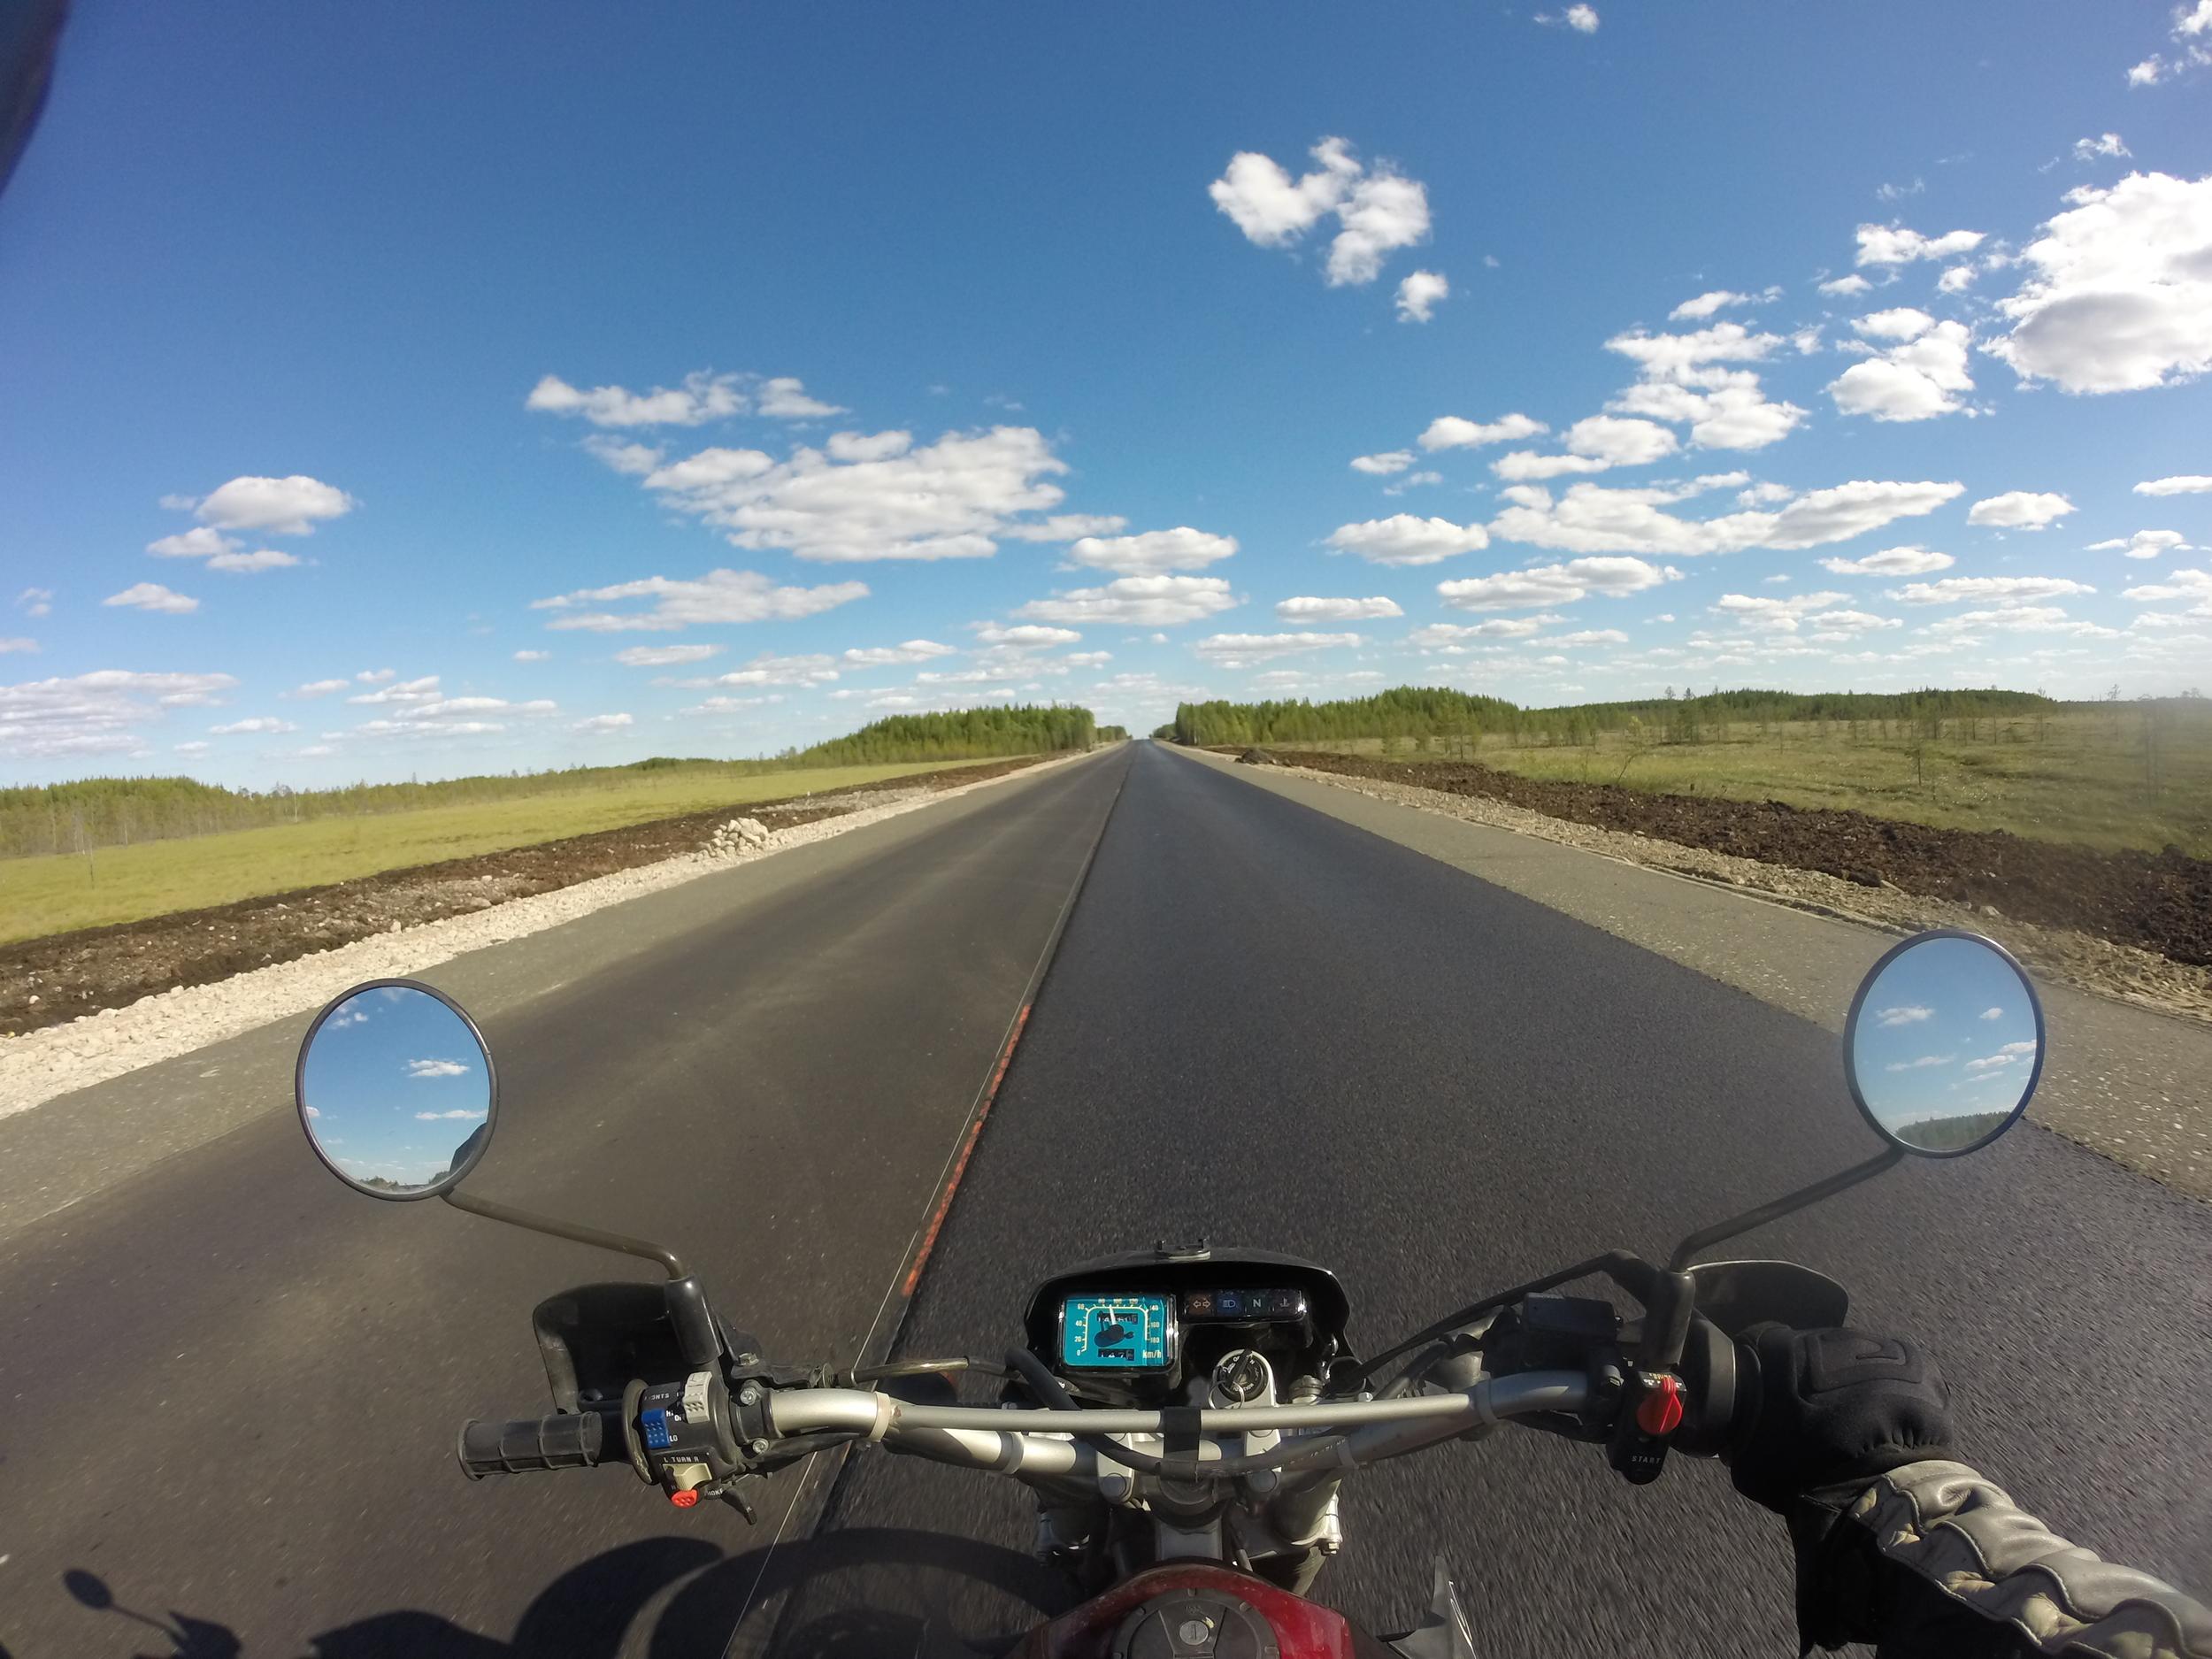 Aurinko paistaa ja upouusi asfaltti suorastaan kutsuu kokeilemaan pyöränsä rajoja!